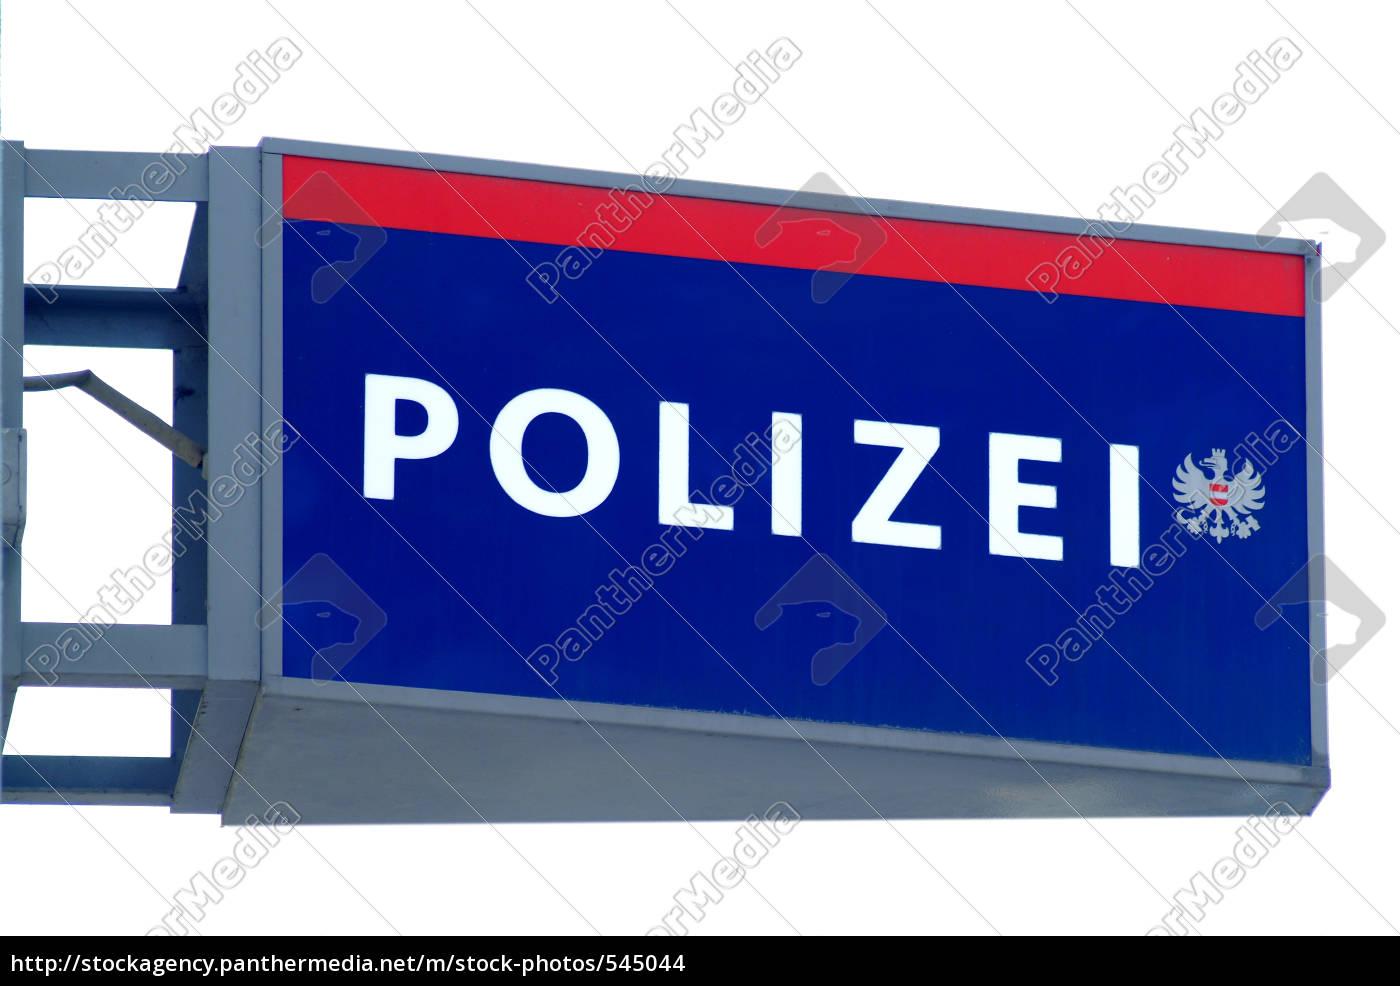 police, shield - 545044